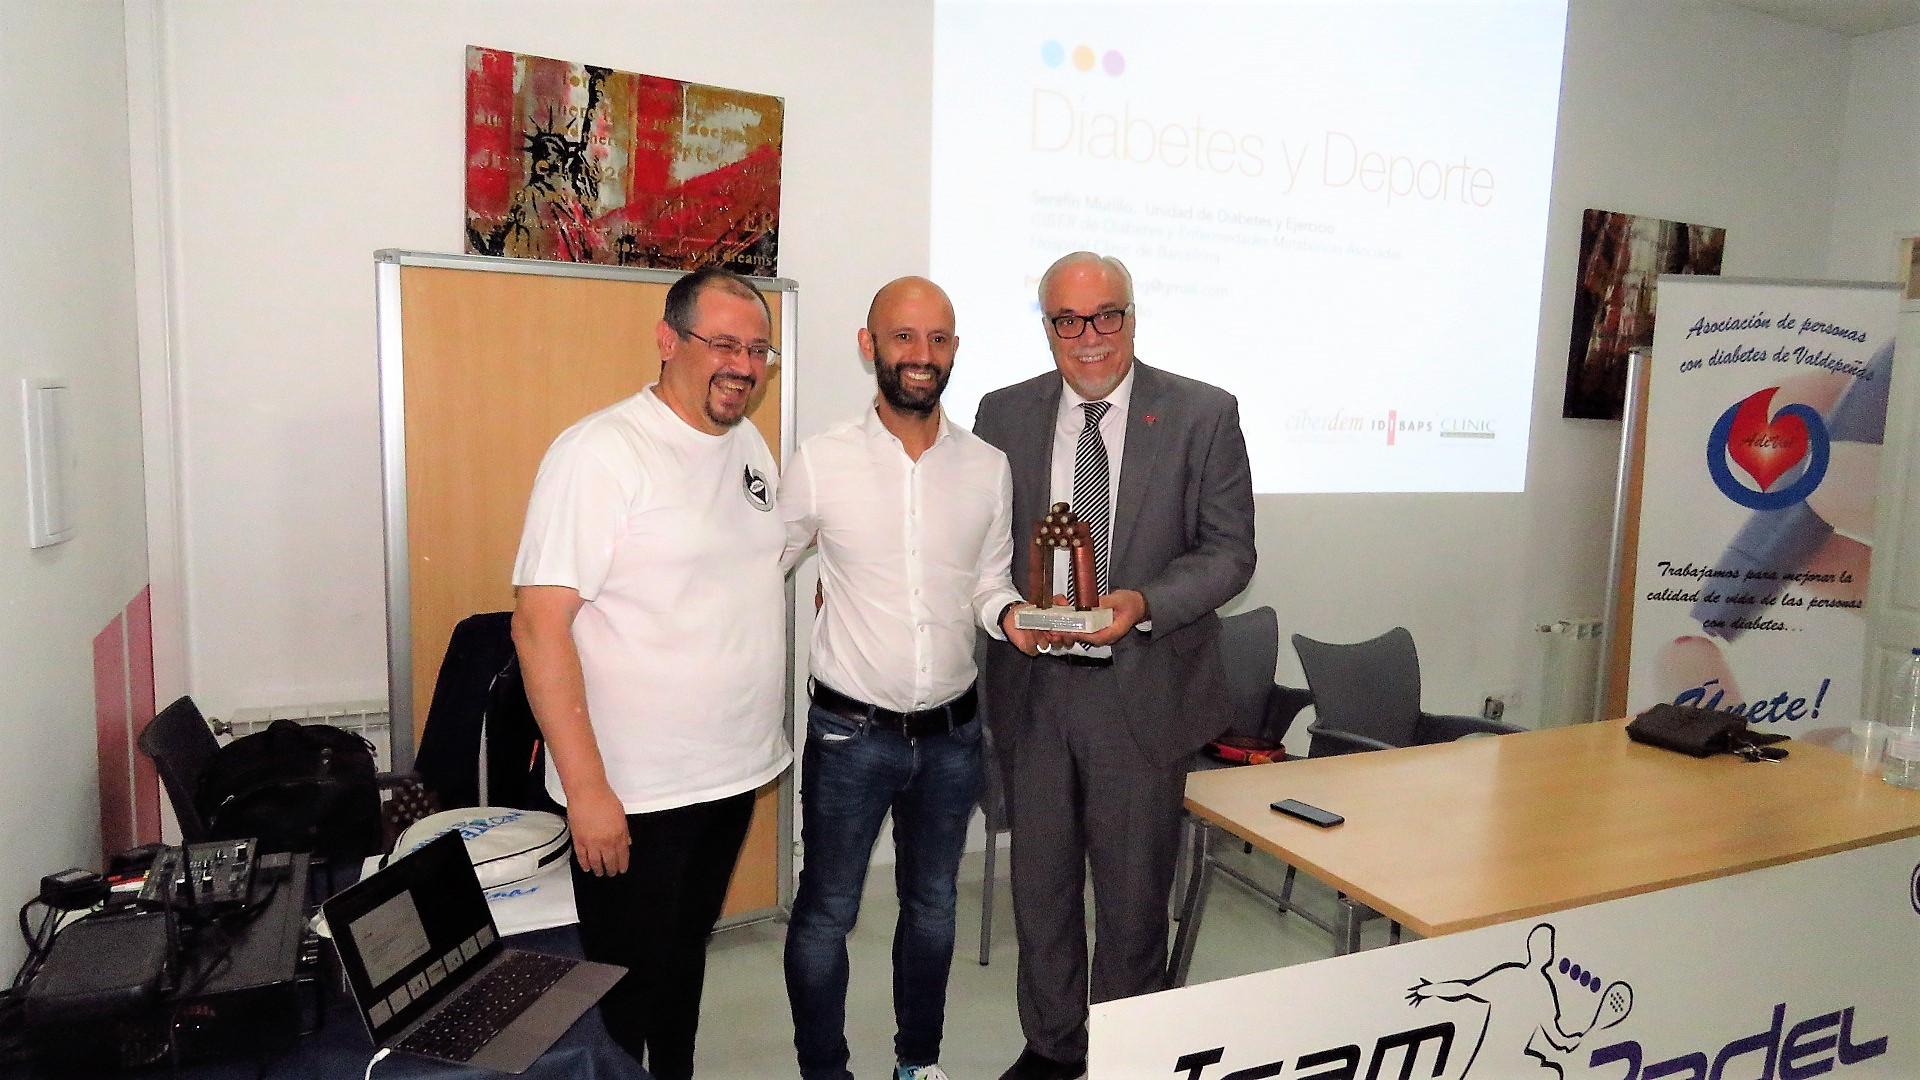 Team Pádel y Adival celebraron una jornada sobre deporte y diabetes